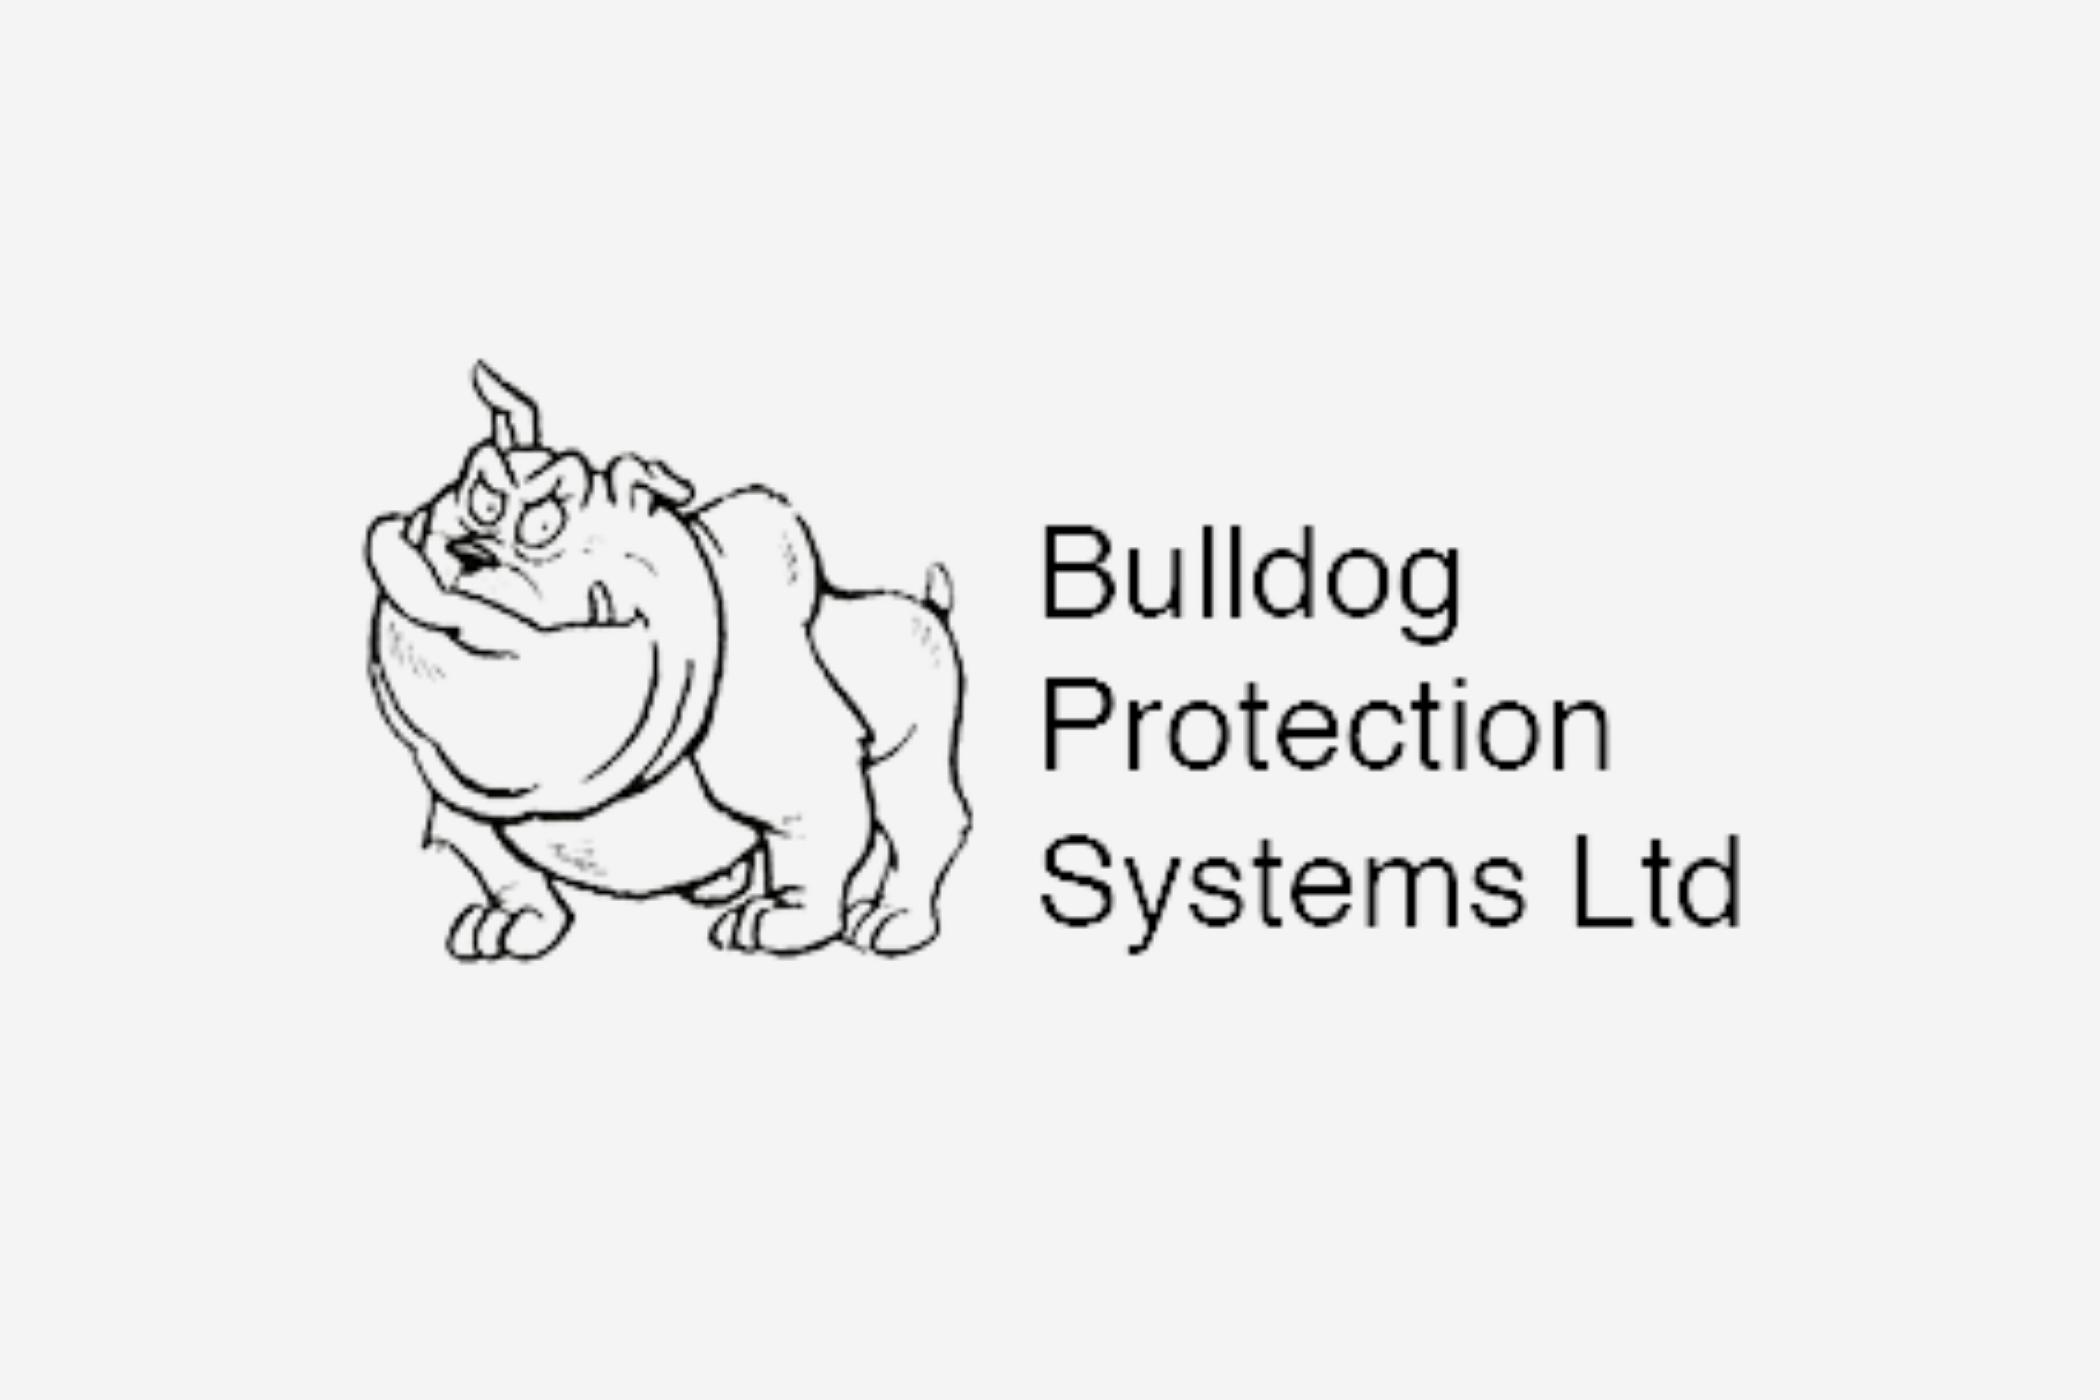 Bulldog Protection Services